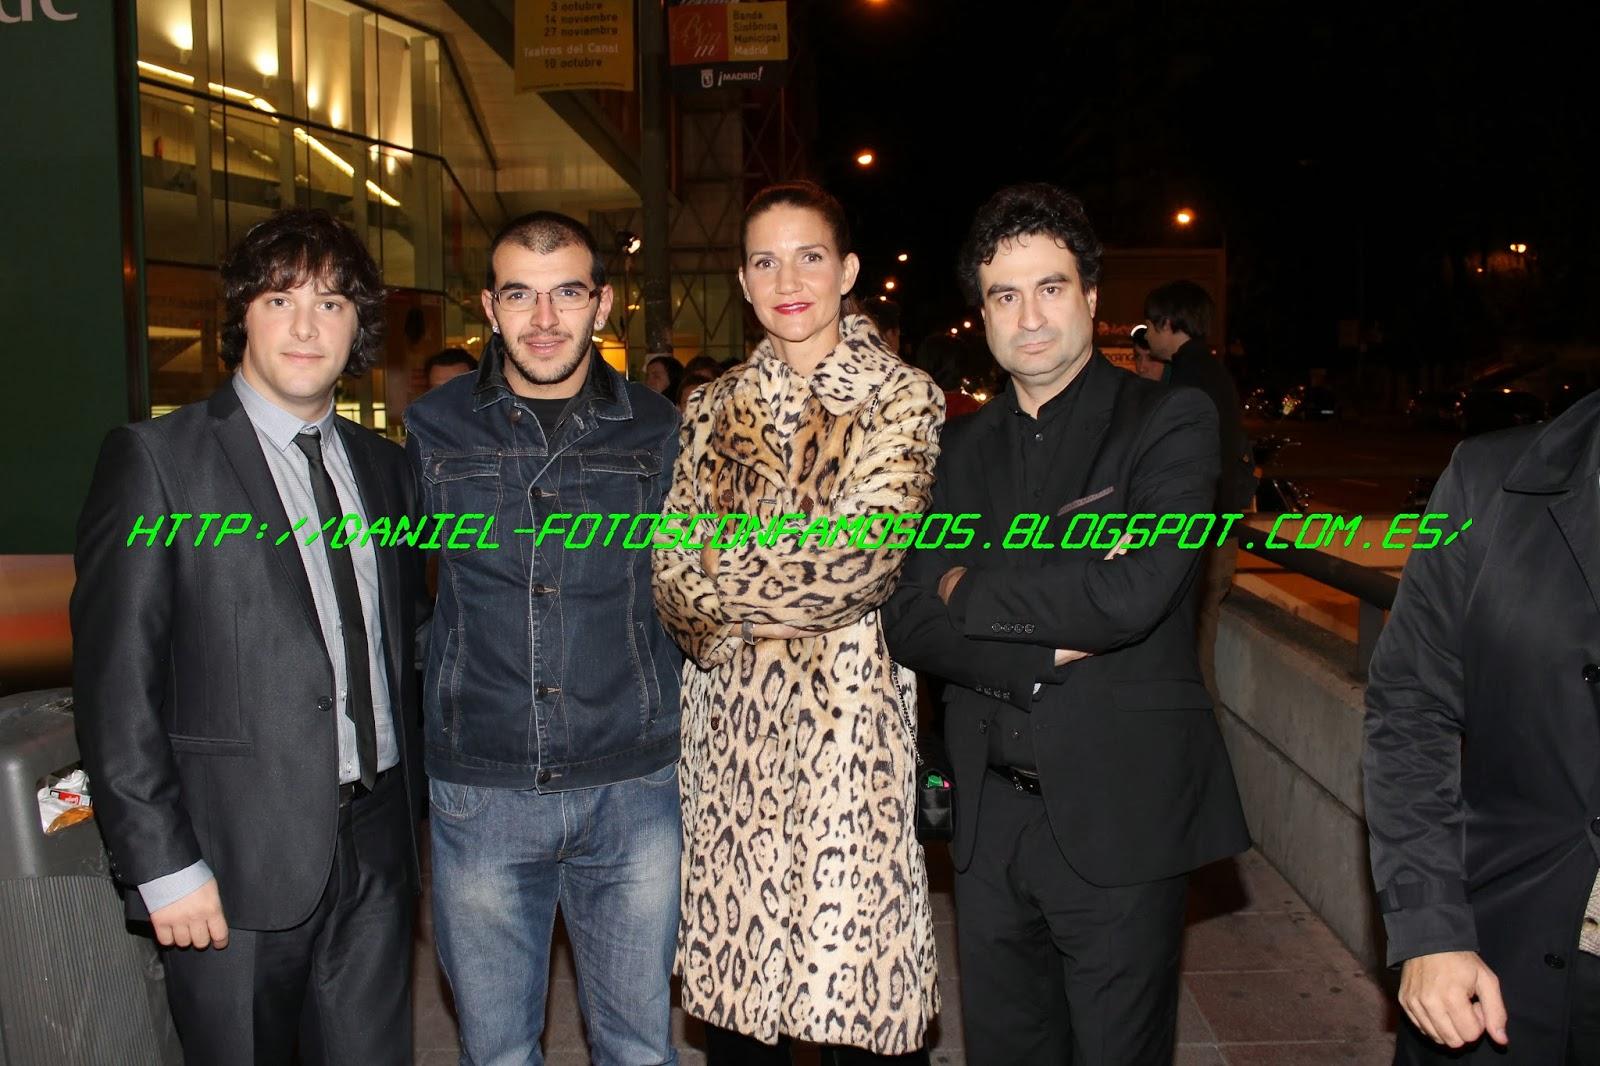 ¿Cuánto mide Jordi Cruz? - Estatura y peso - Página 2 Jordi+,+Samantha+y+Pepe